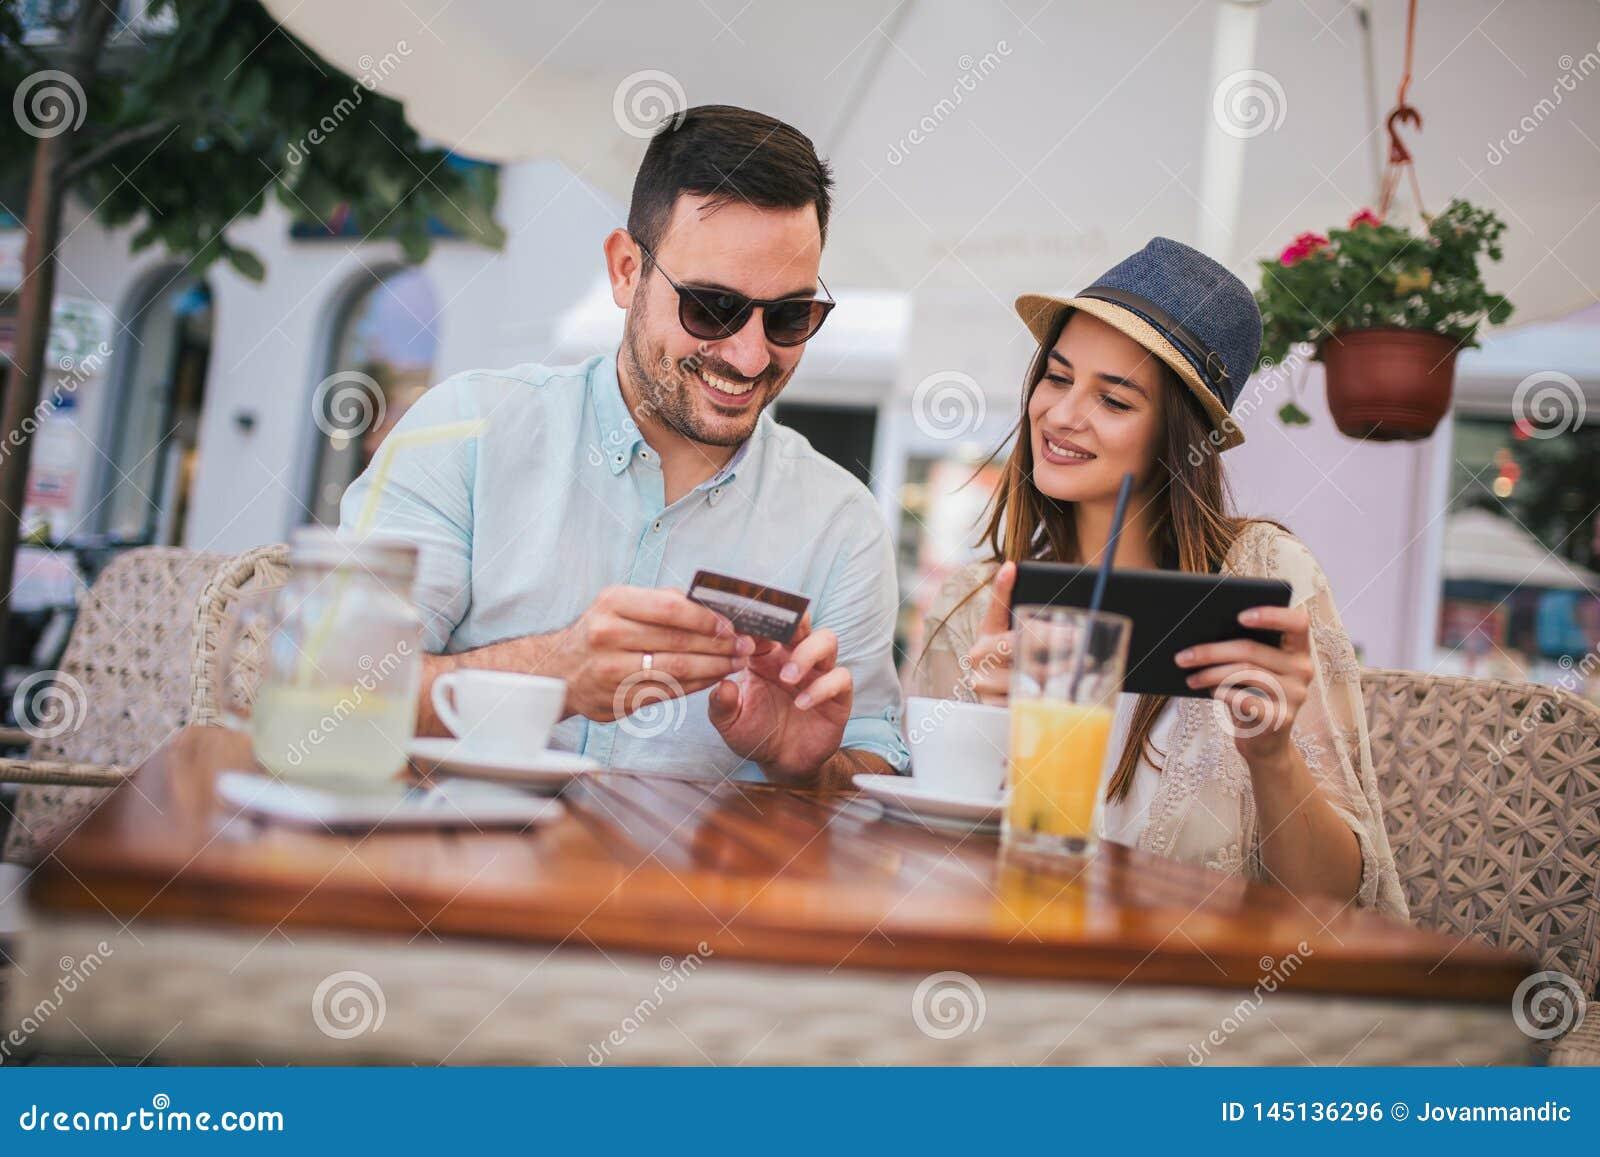 Dating cafe online